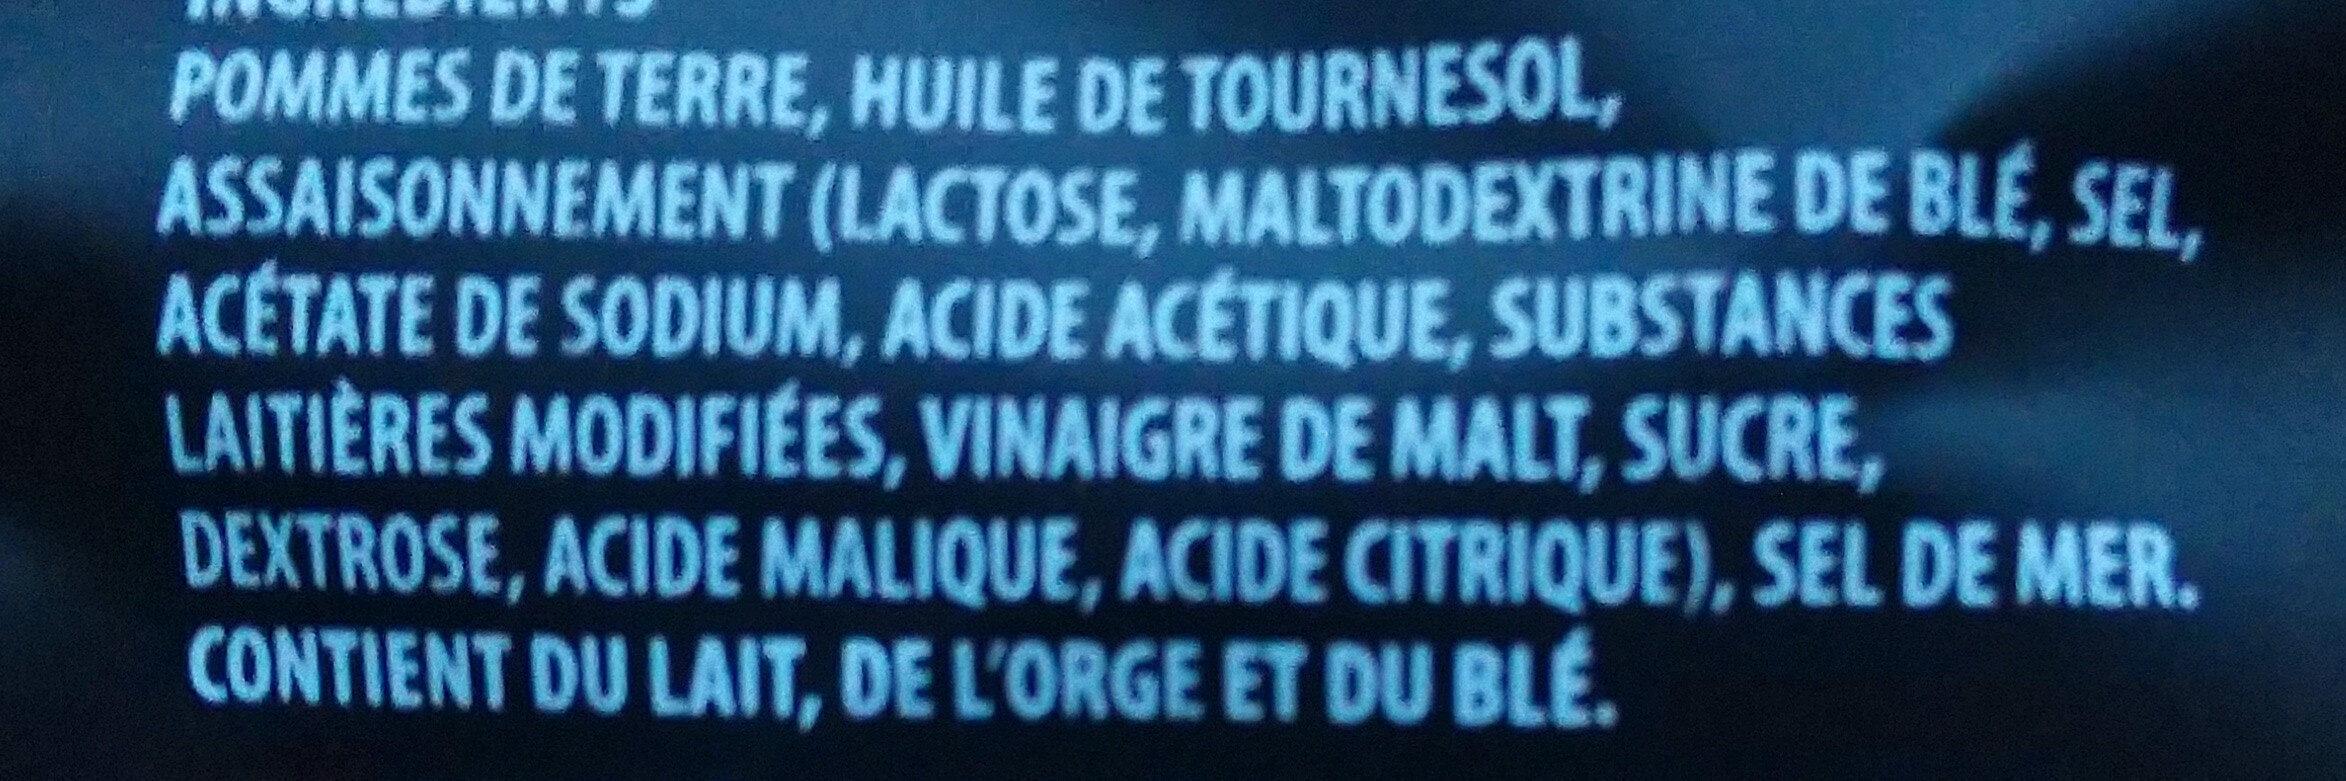 Croustilles à l'ancienne - Ingrédients - fr